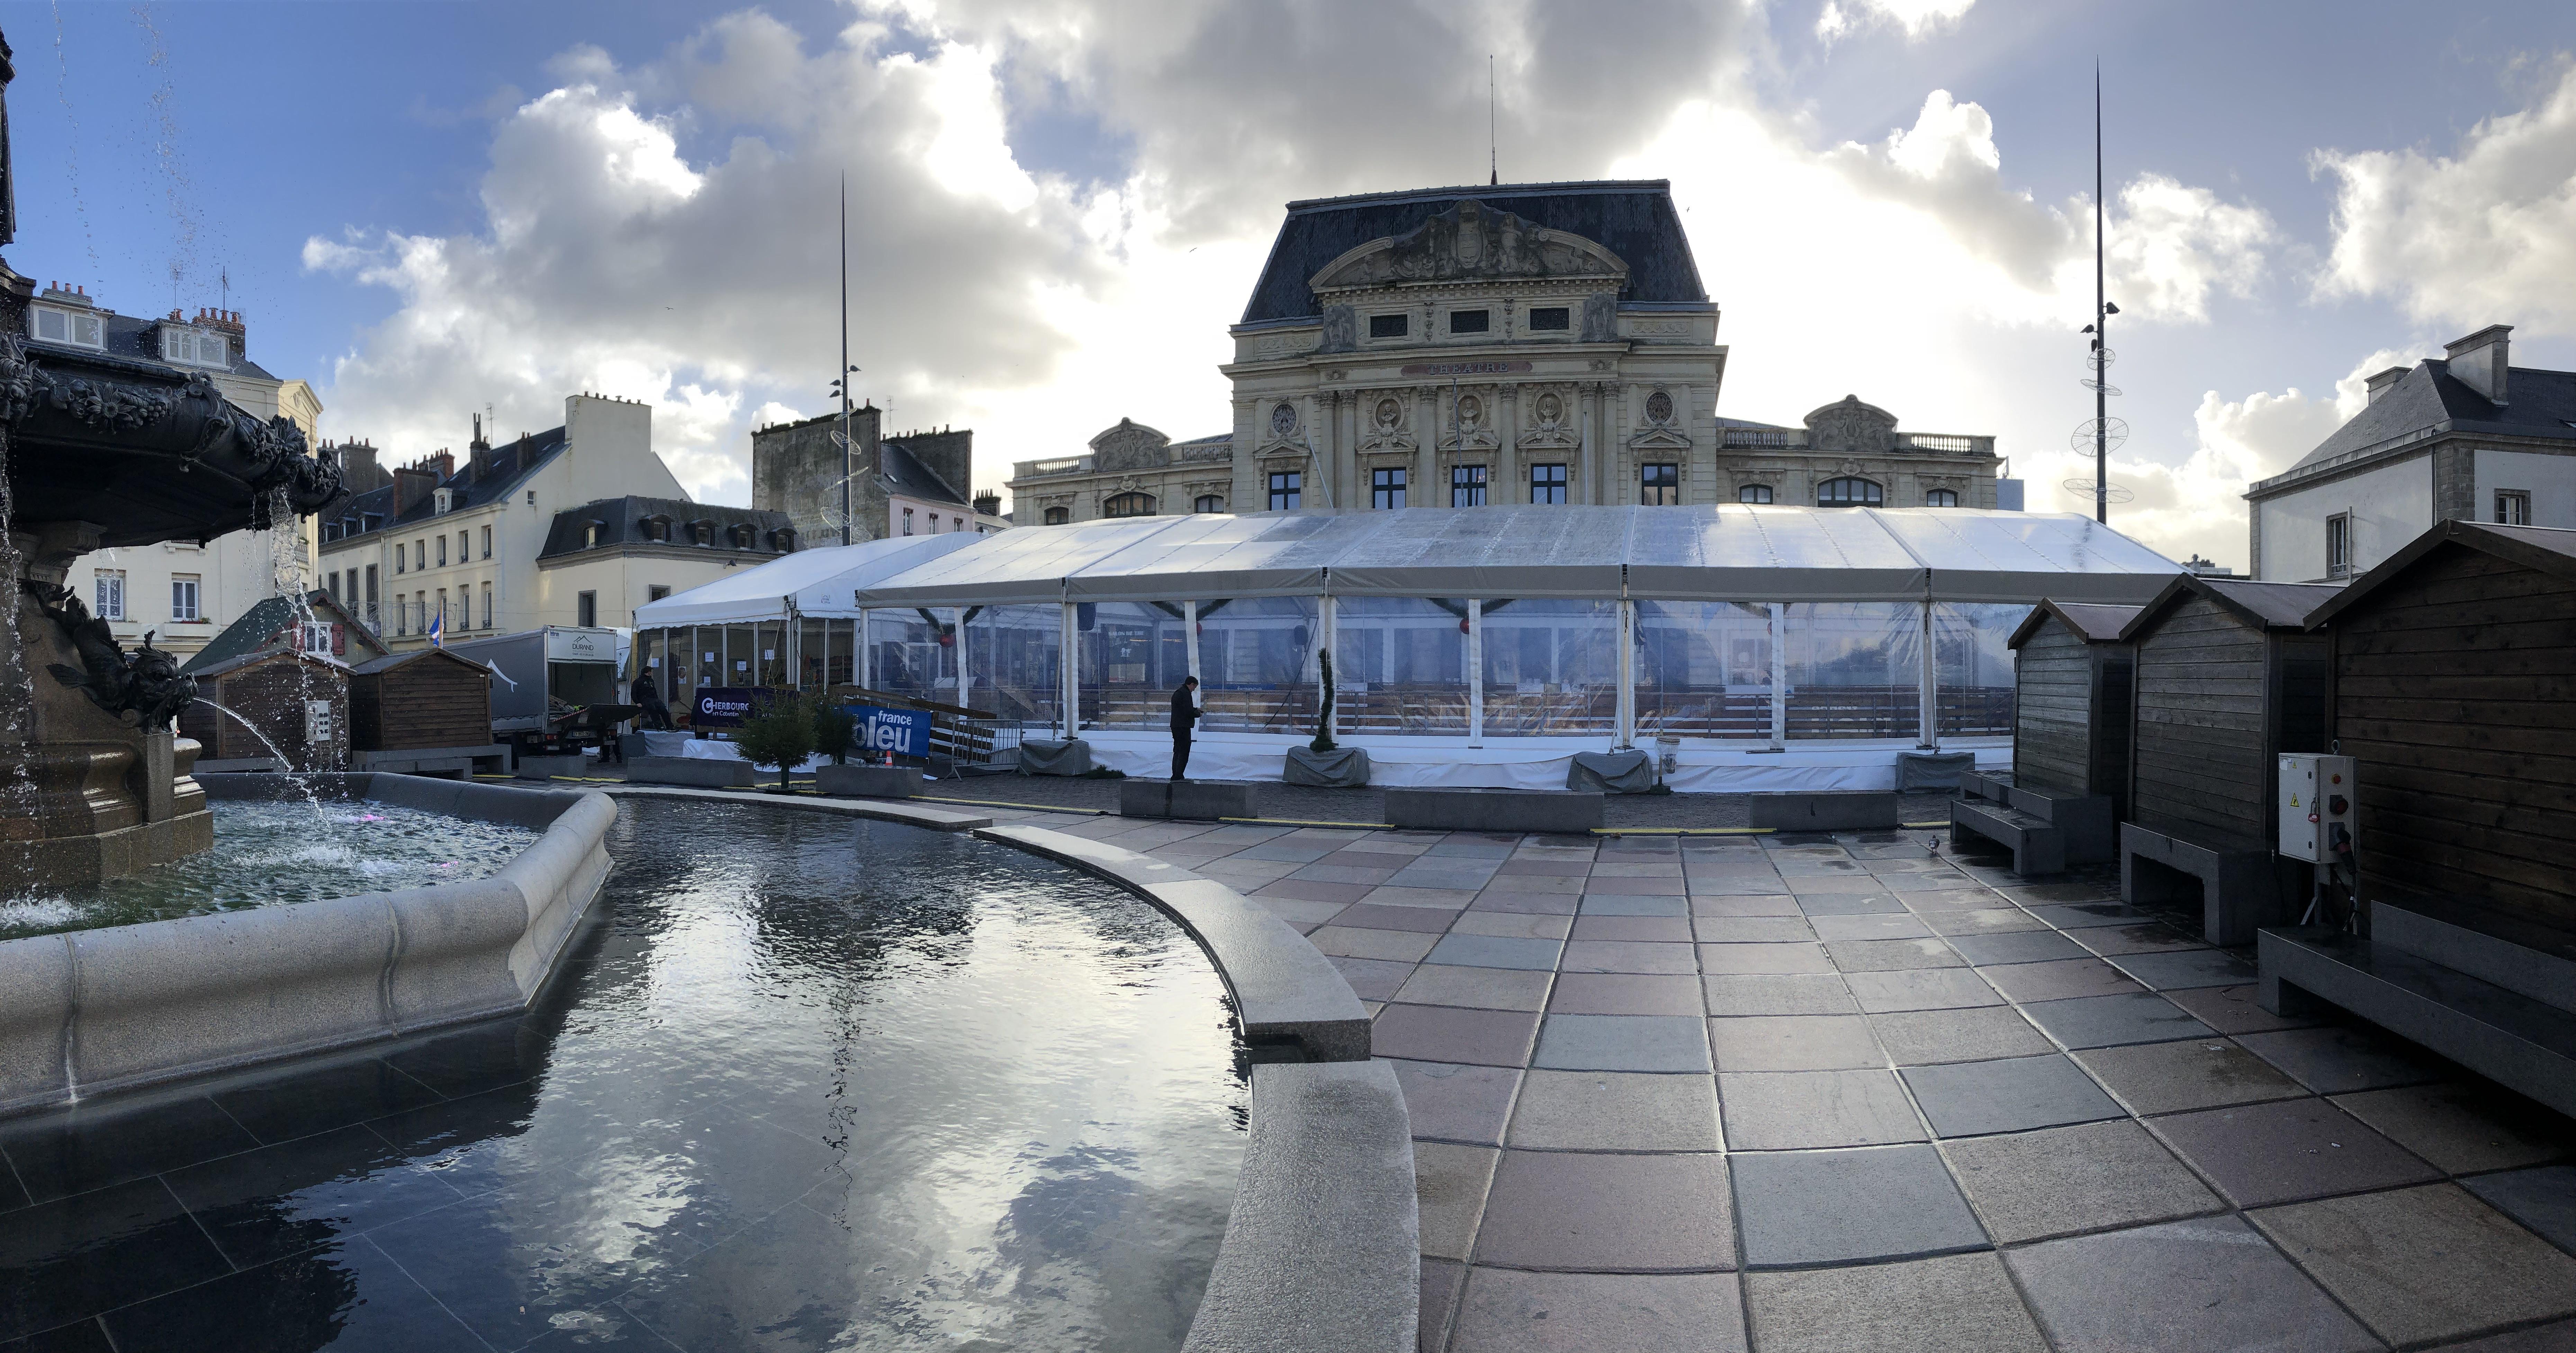 Événementiel Patinoire Cherbourg Tente arquée 15M Structure Cristal